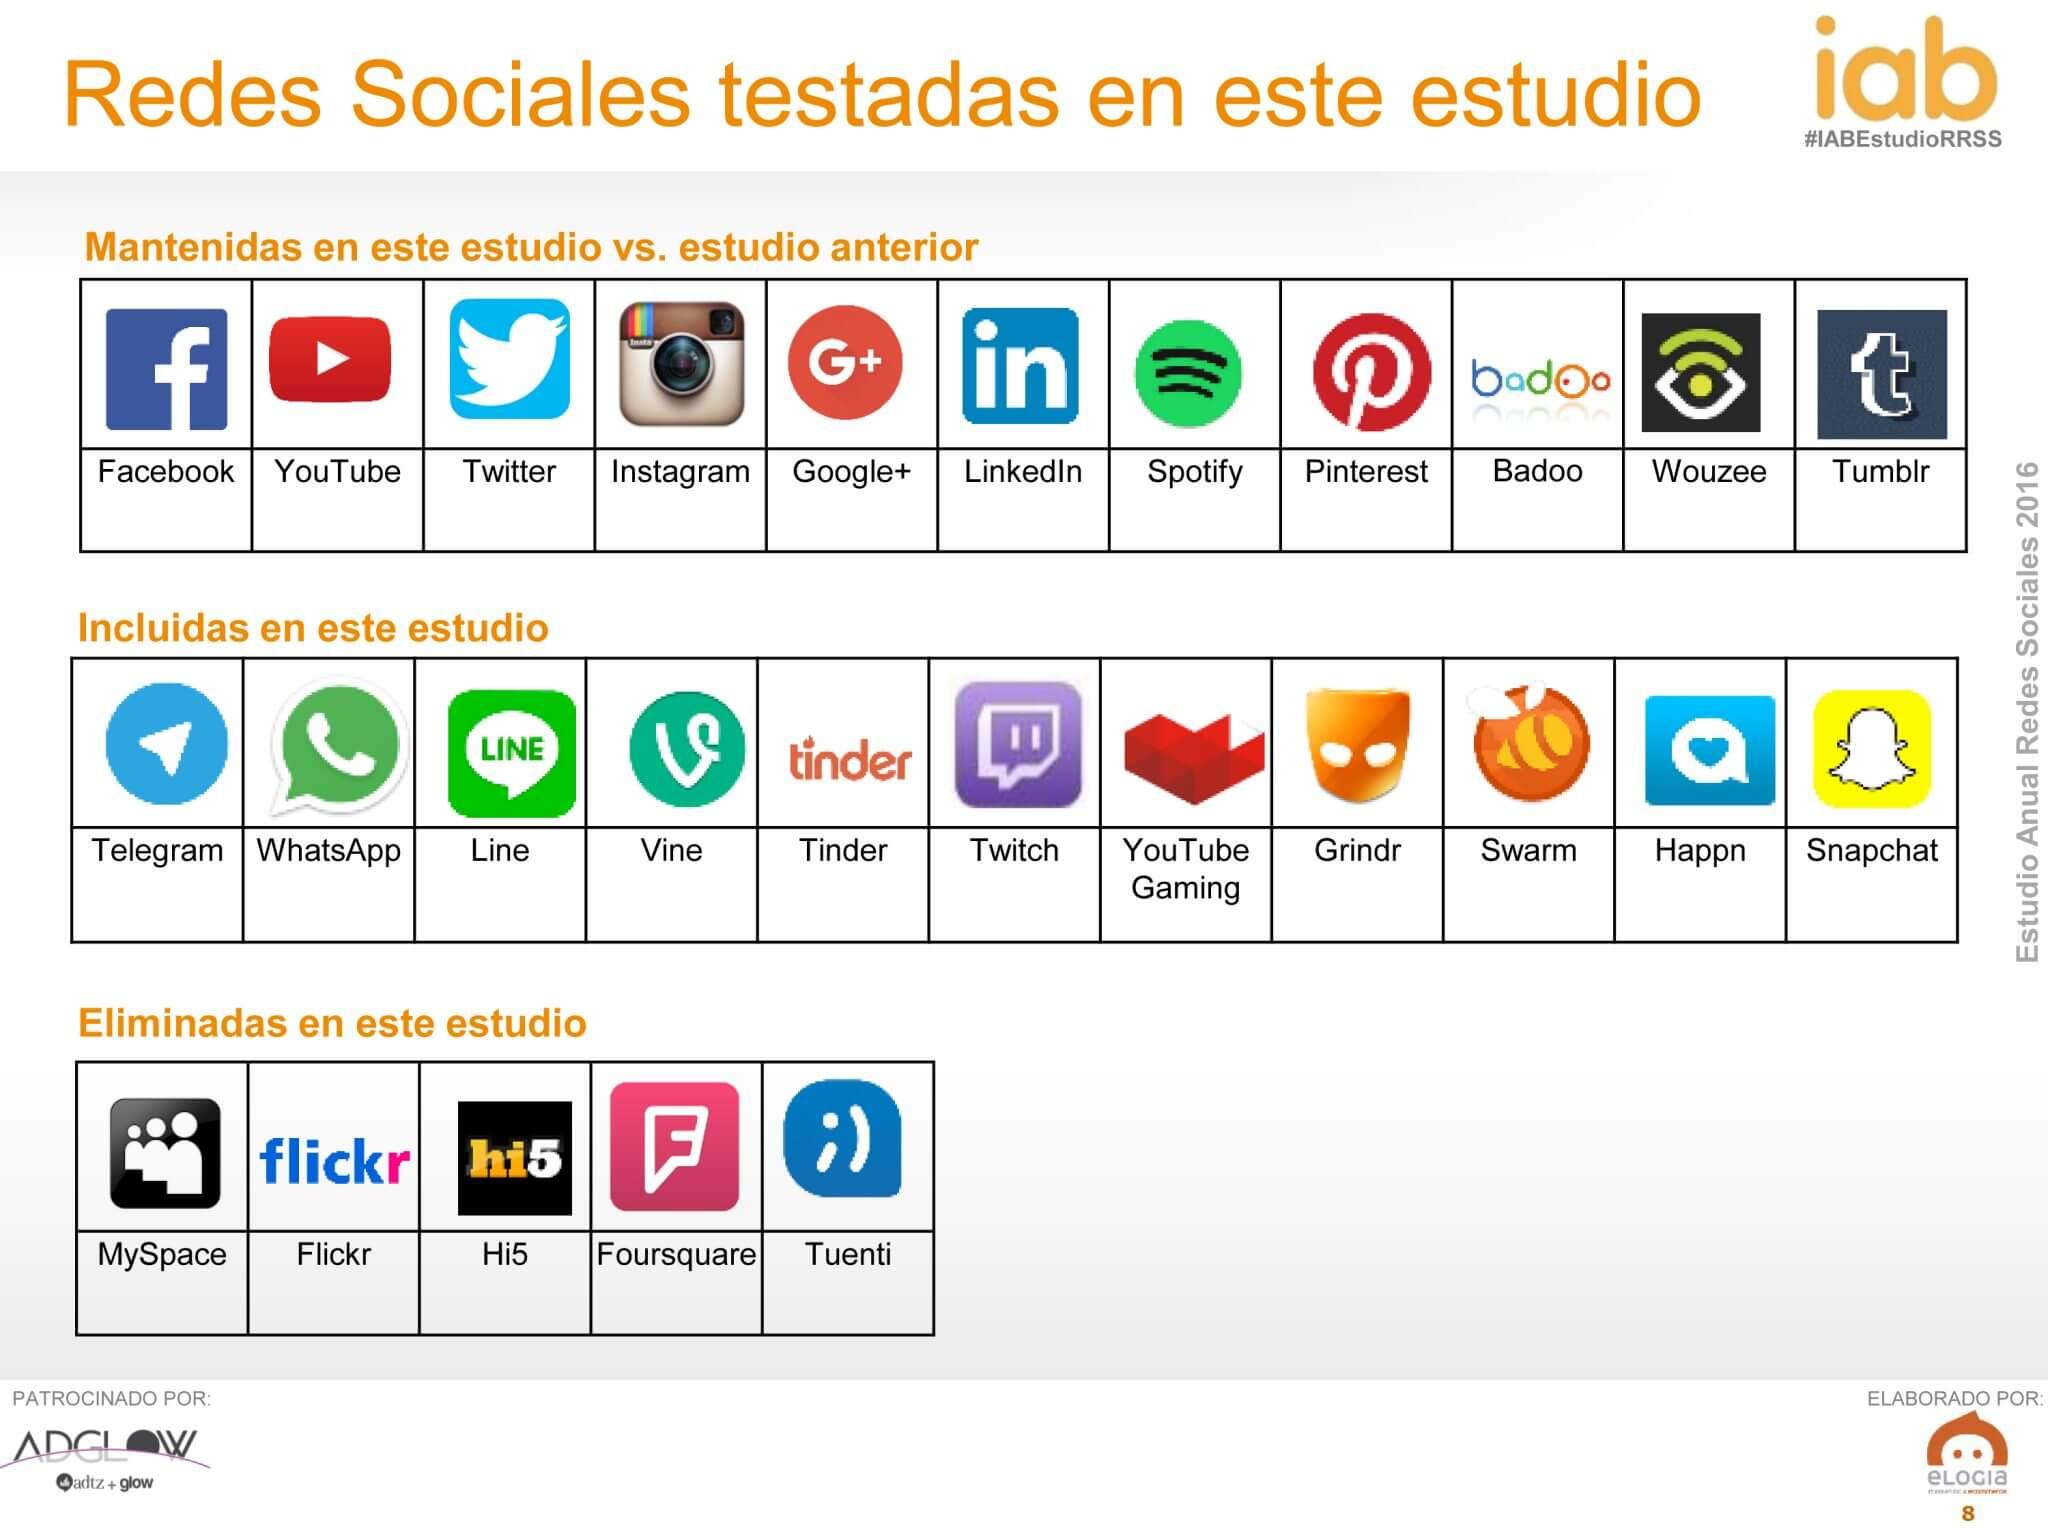 Facebook y Twitter, líderes del Social Media en España.